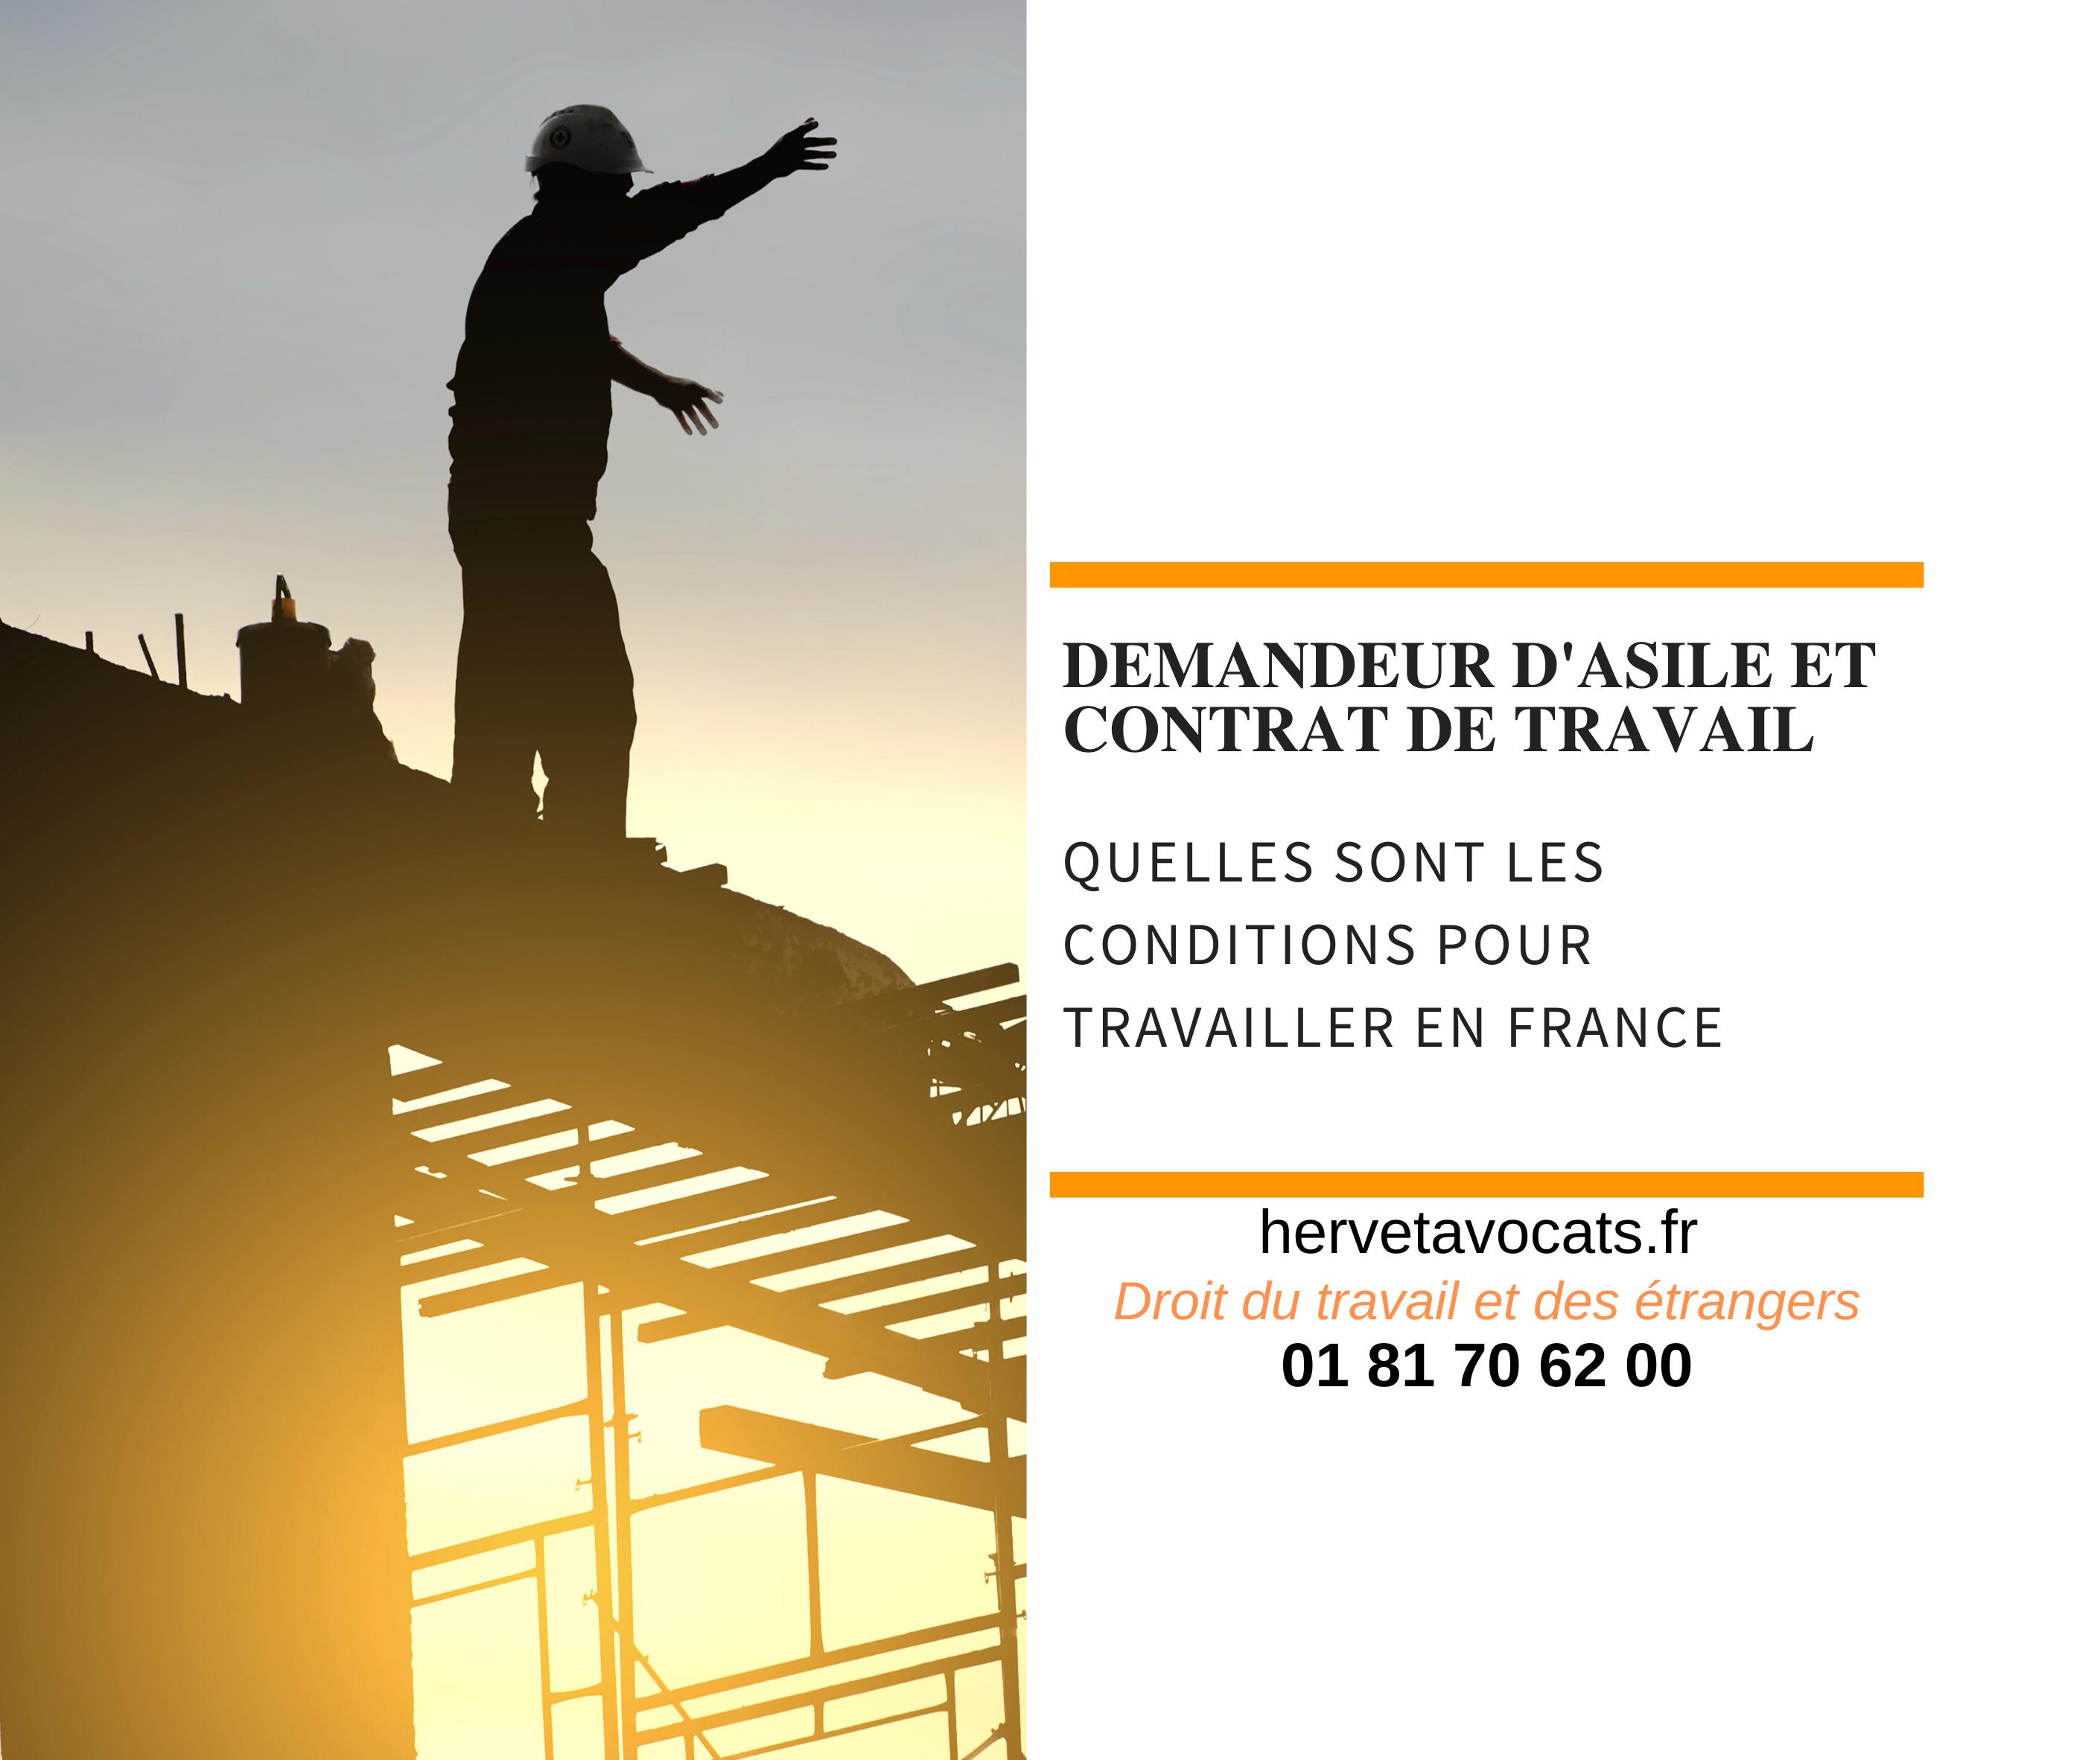 A quelles conditions un demandeur d'asile peut-il travailler en France ?